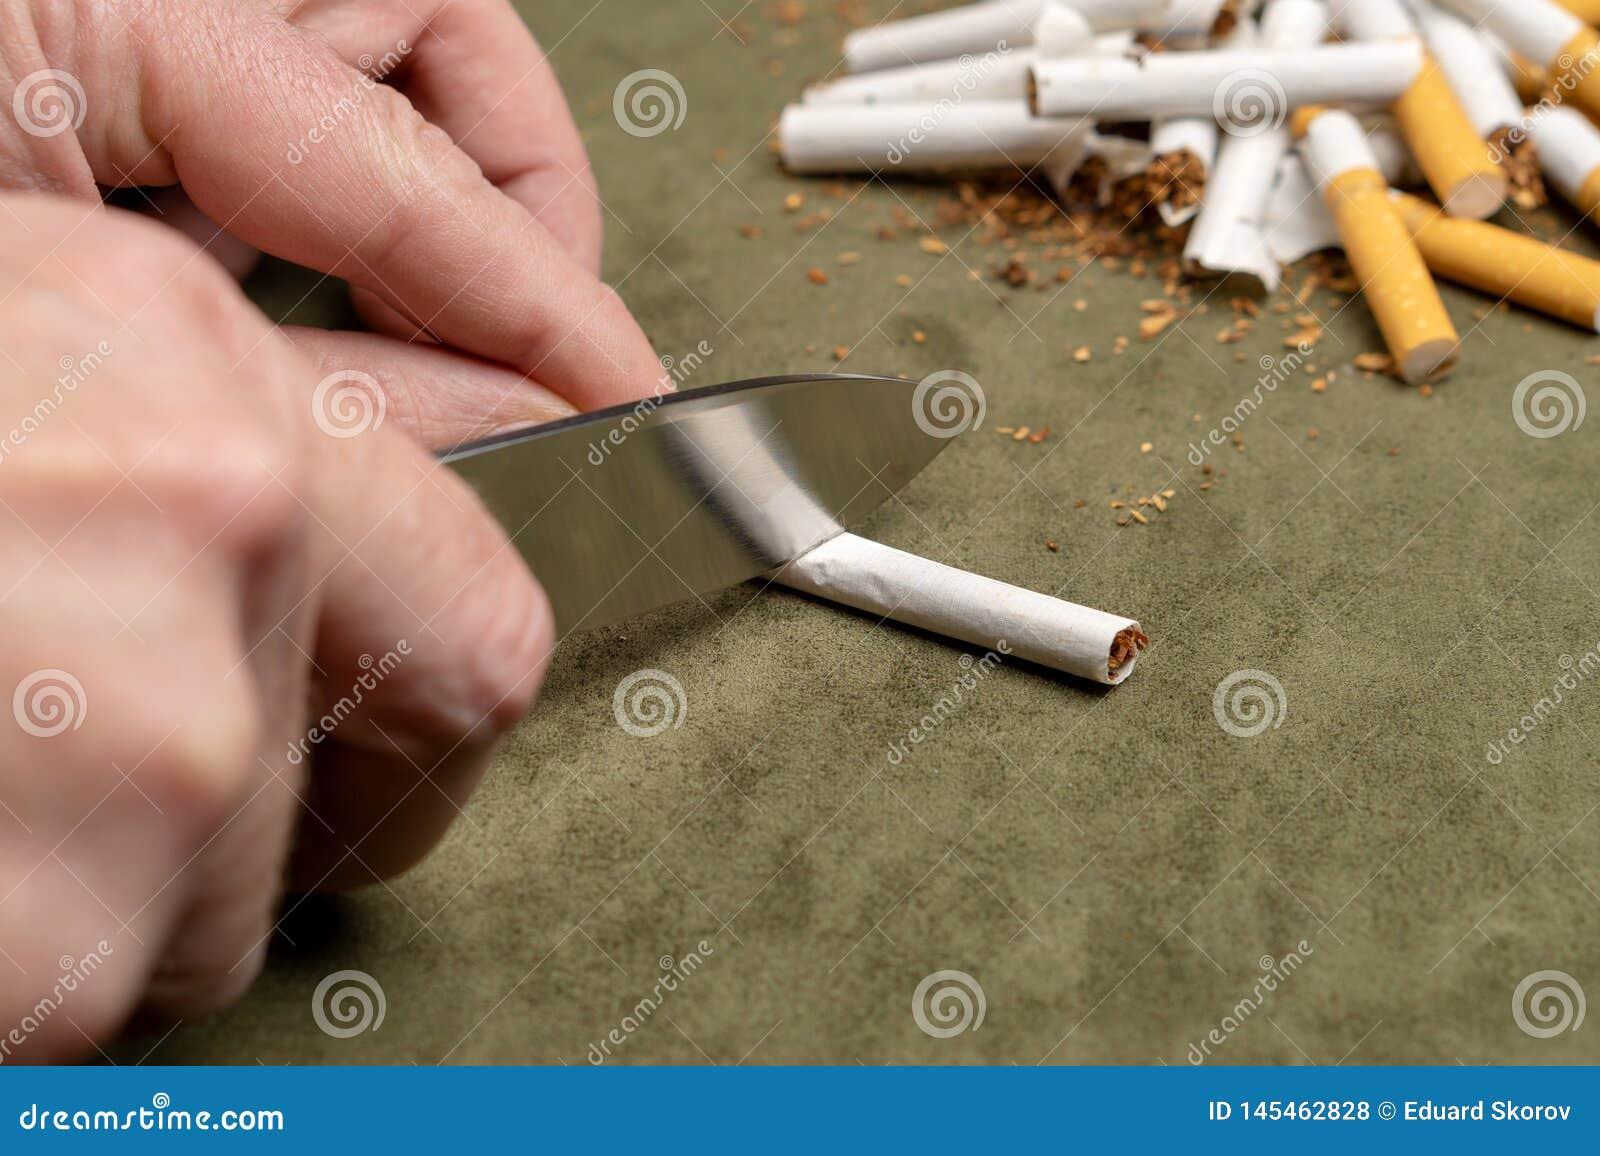 Luchar un mún hábito Un hombre corta un cigarrillo con un cuchillo en el fondo de una pila de cigarrillos quebrados